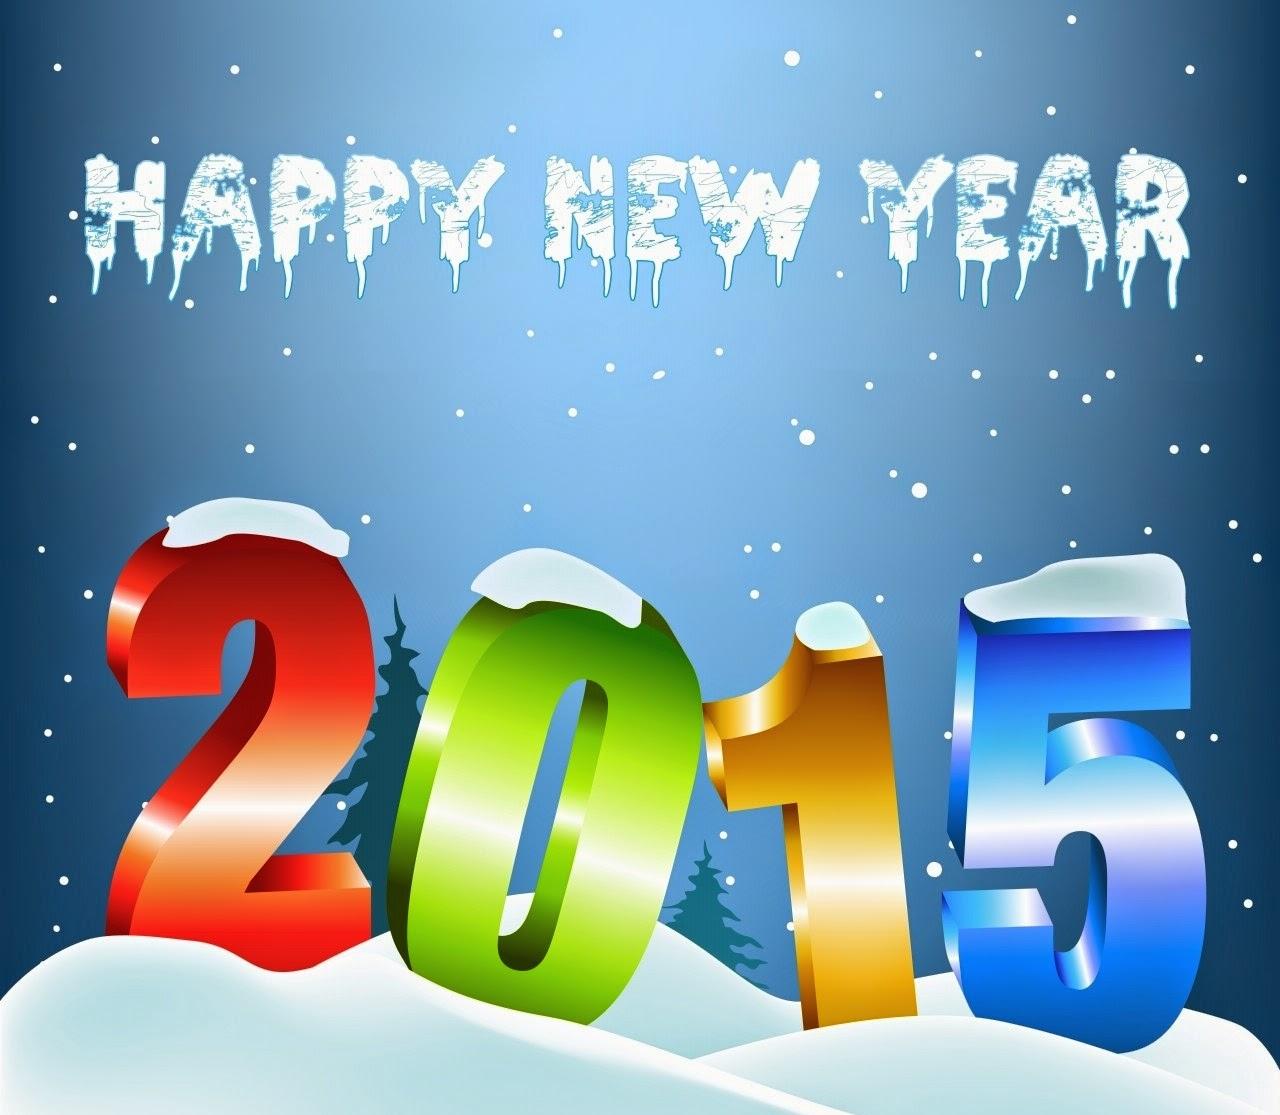 Happy New Year 2015 Ice